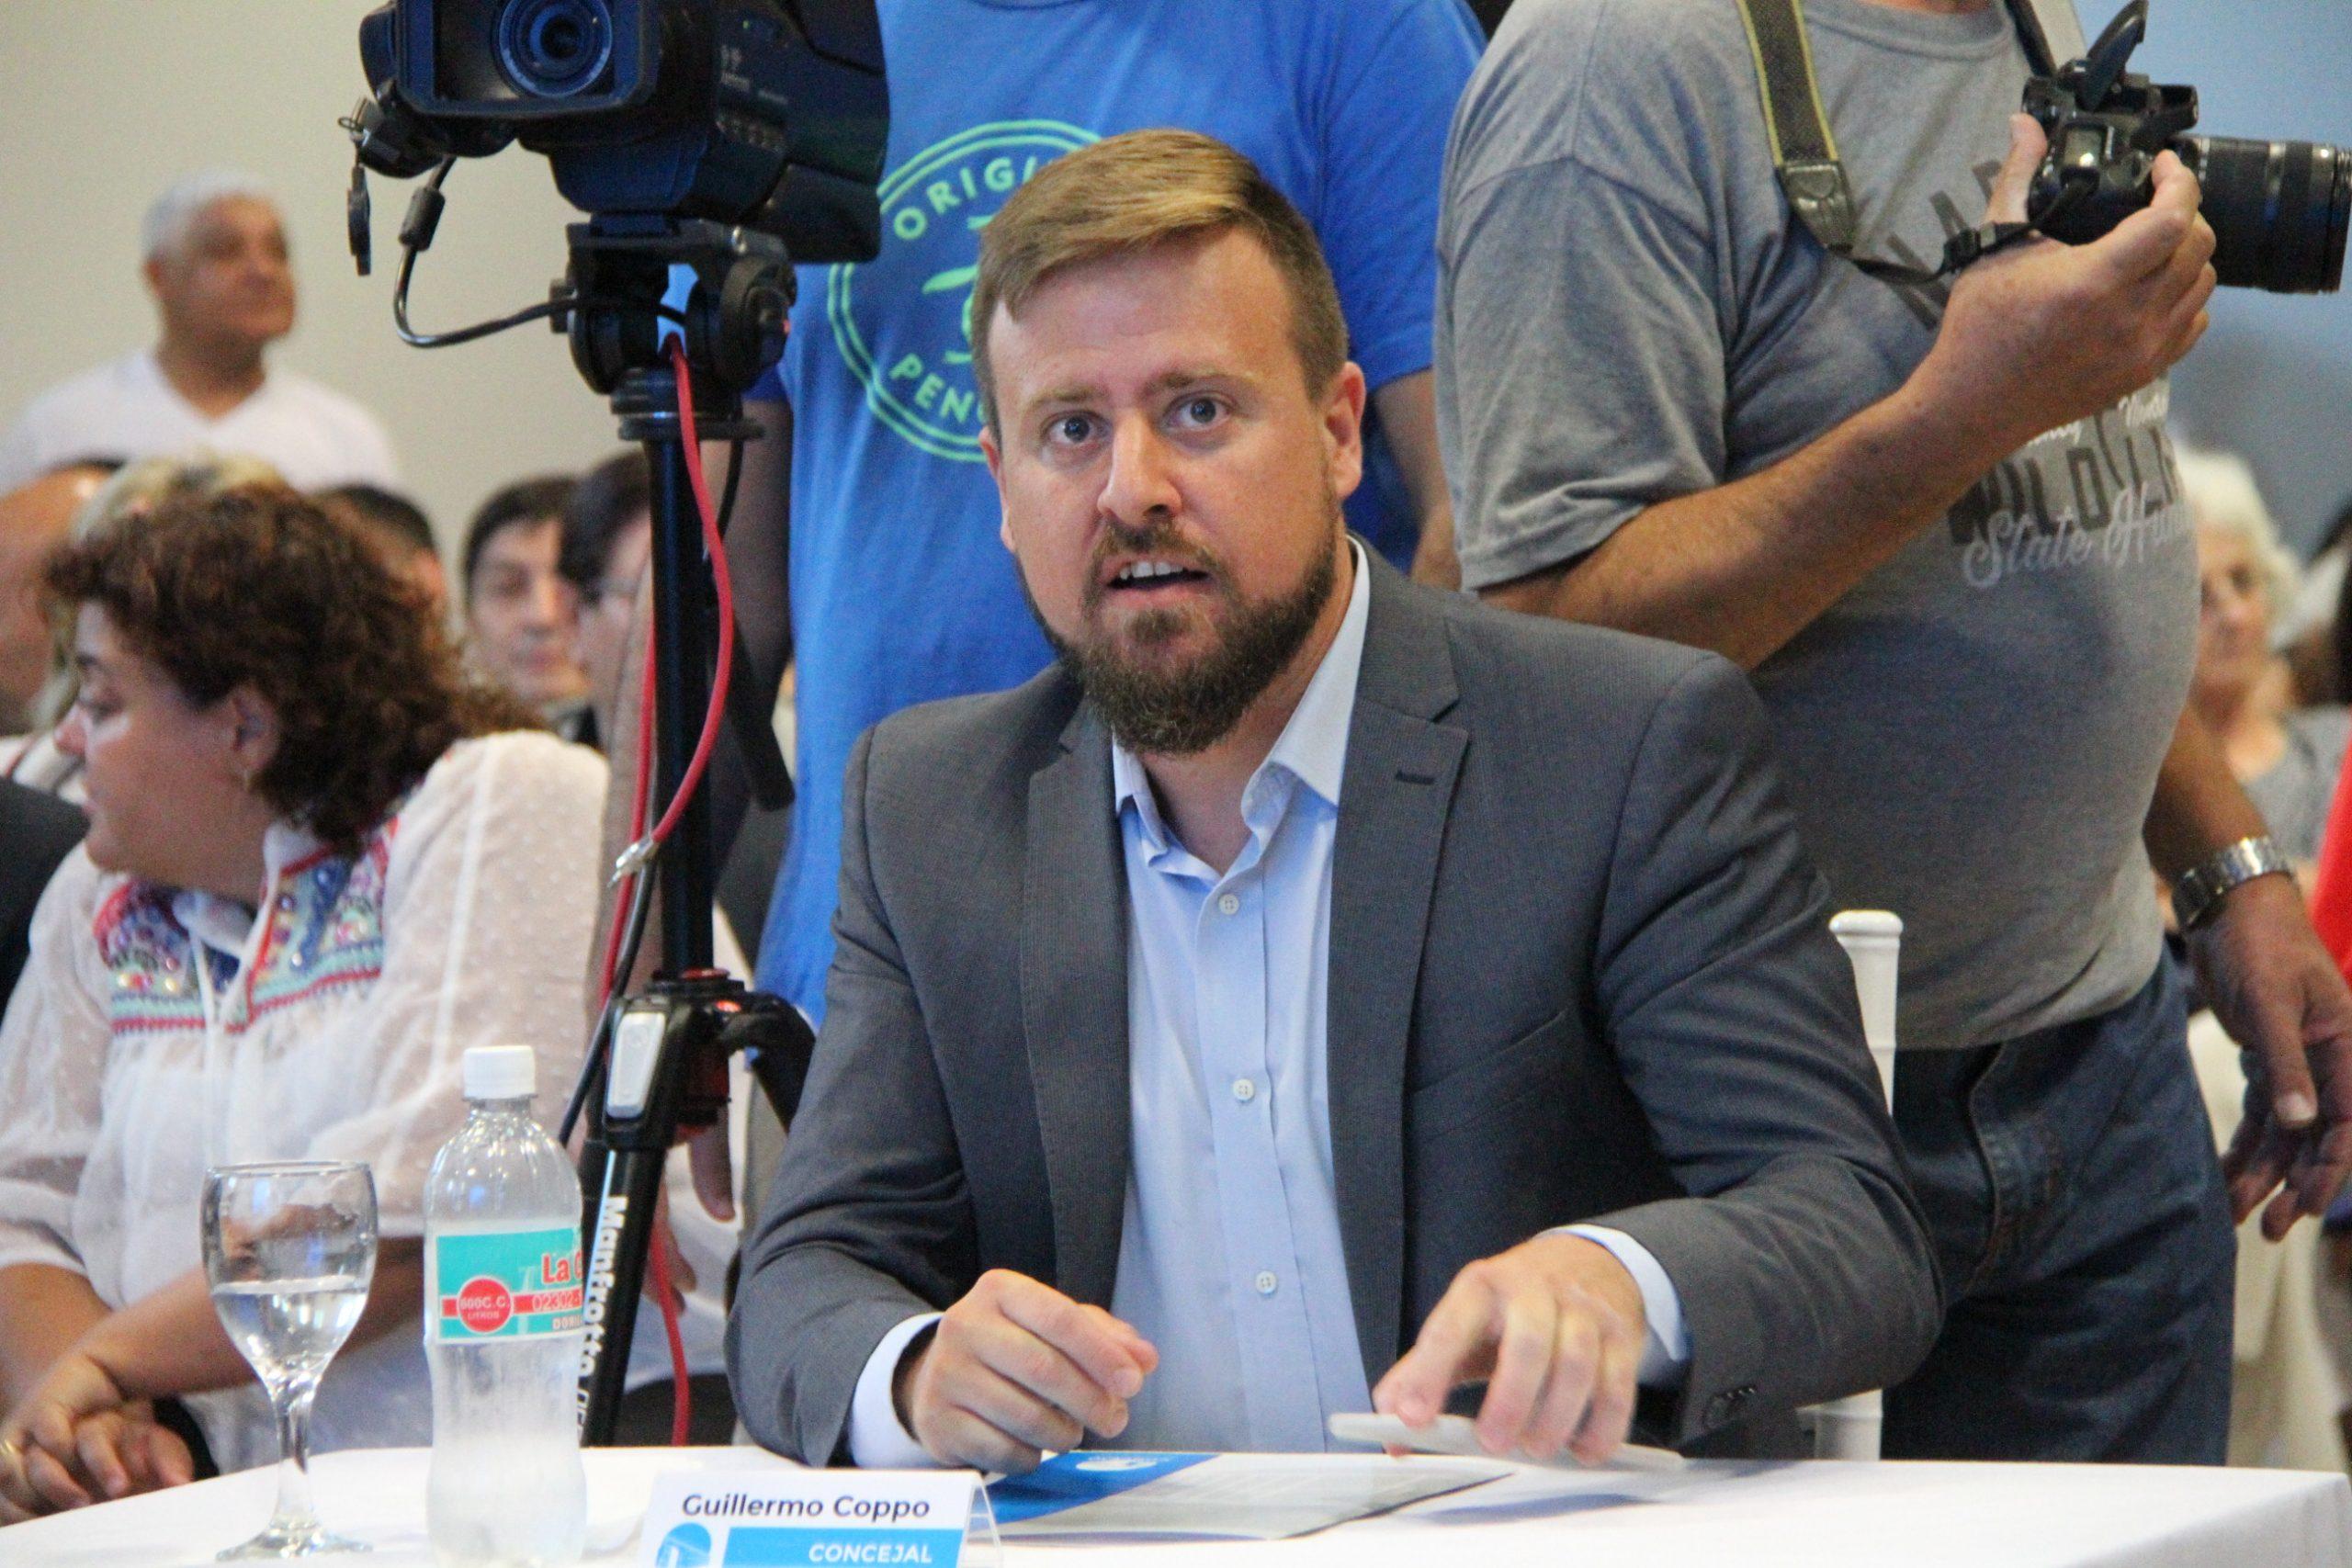 """La oposición pidió frenar el cobro de las cuadras de asfalto: """"Hay un grado de desinformación muy grande para un tema tan complejo"""", dijo Coppo"""